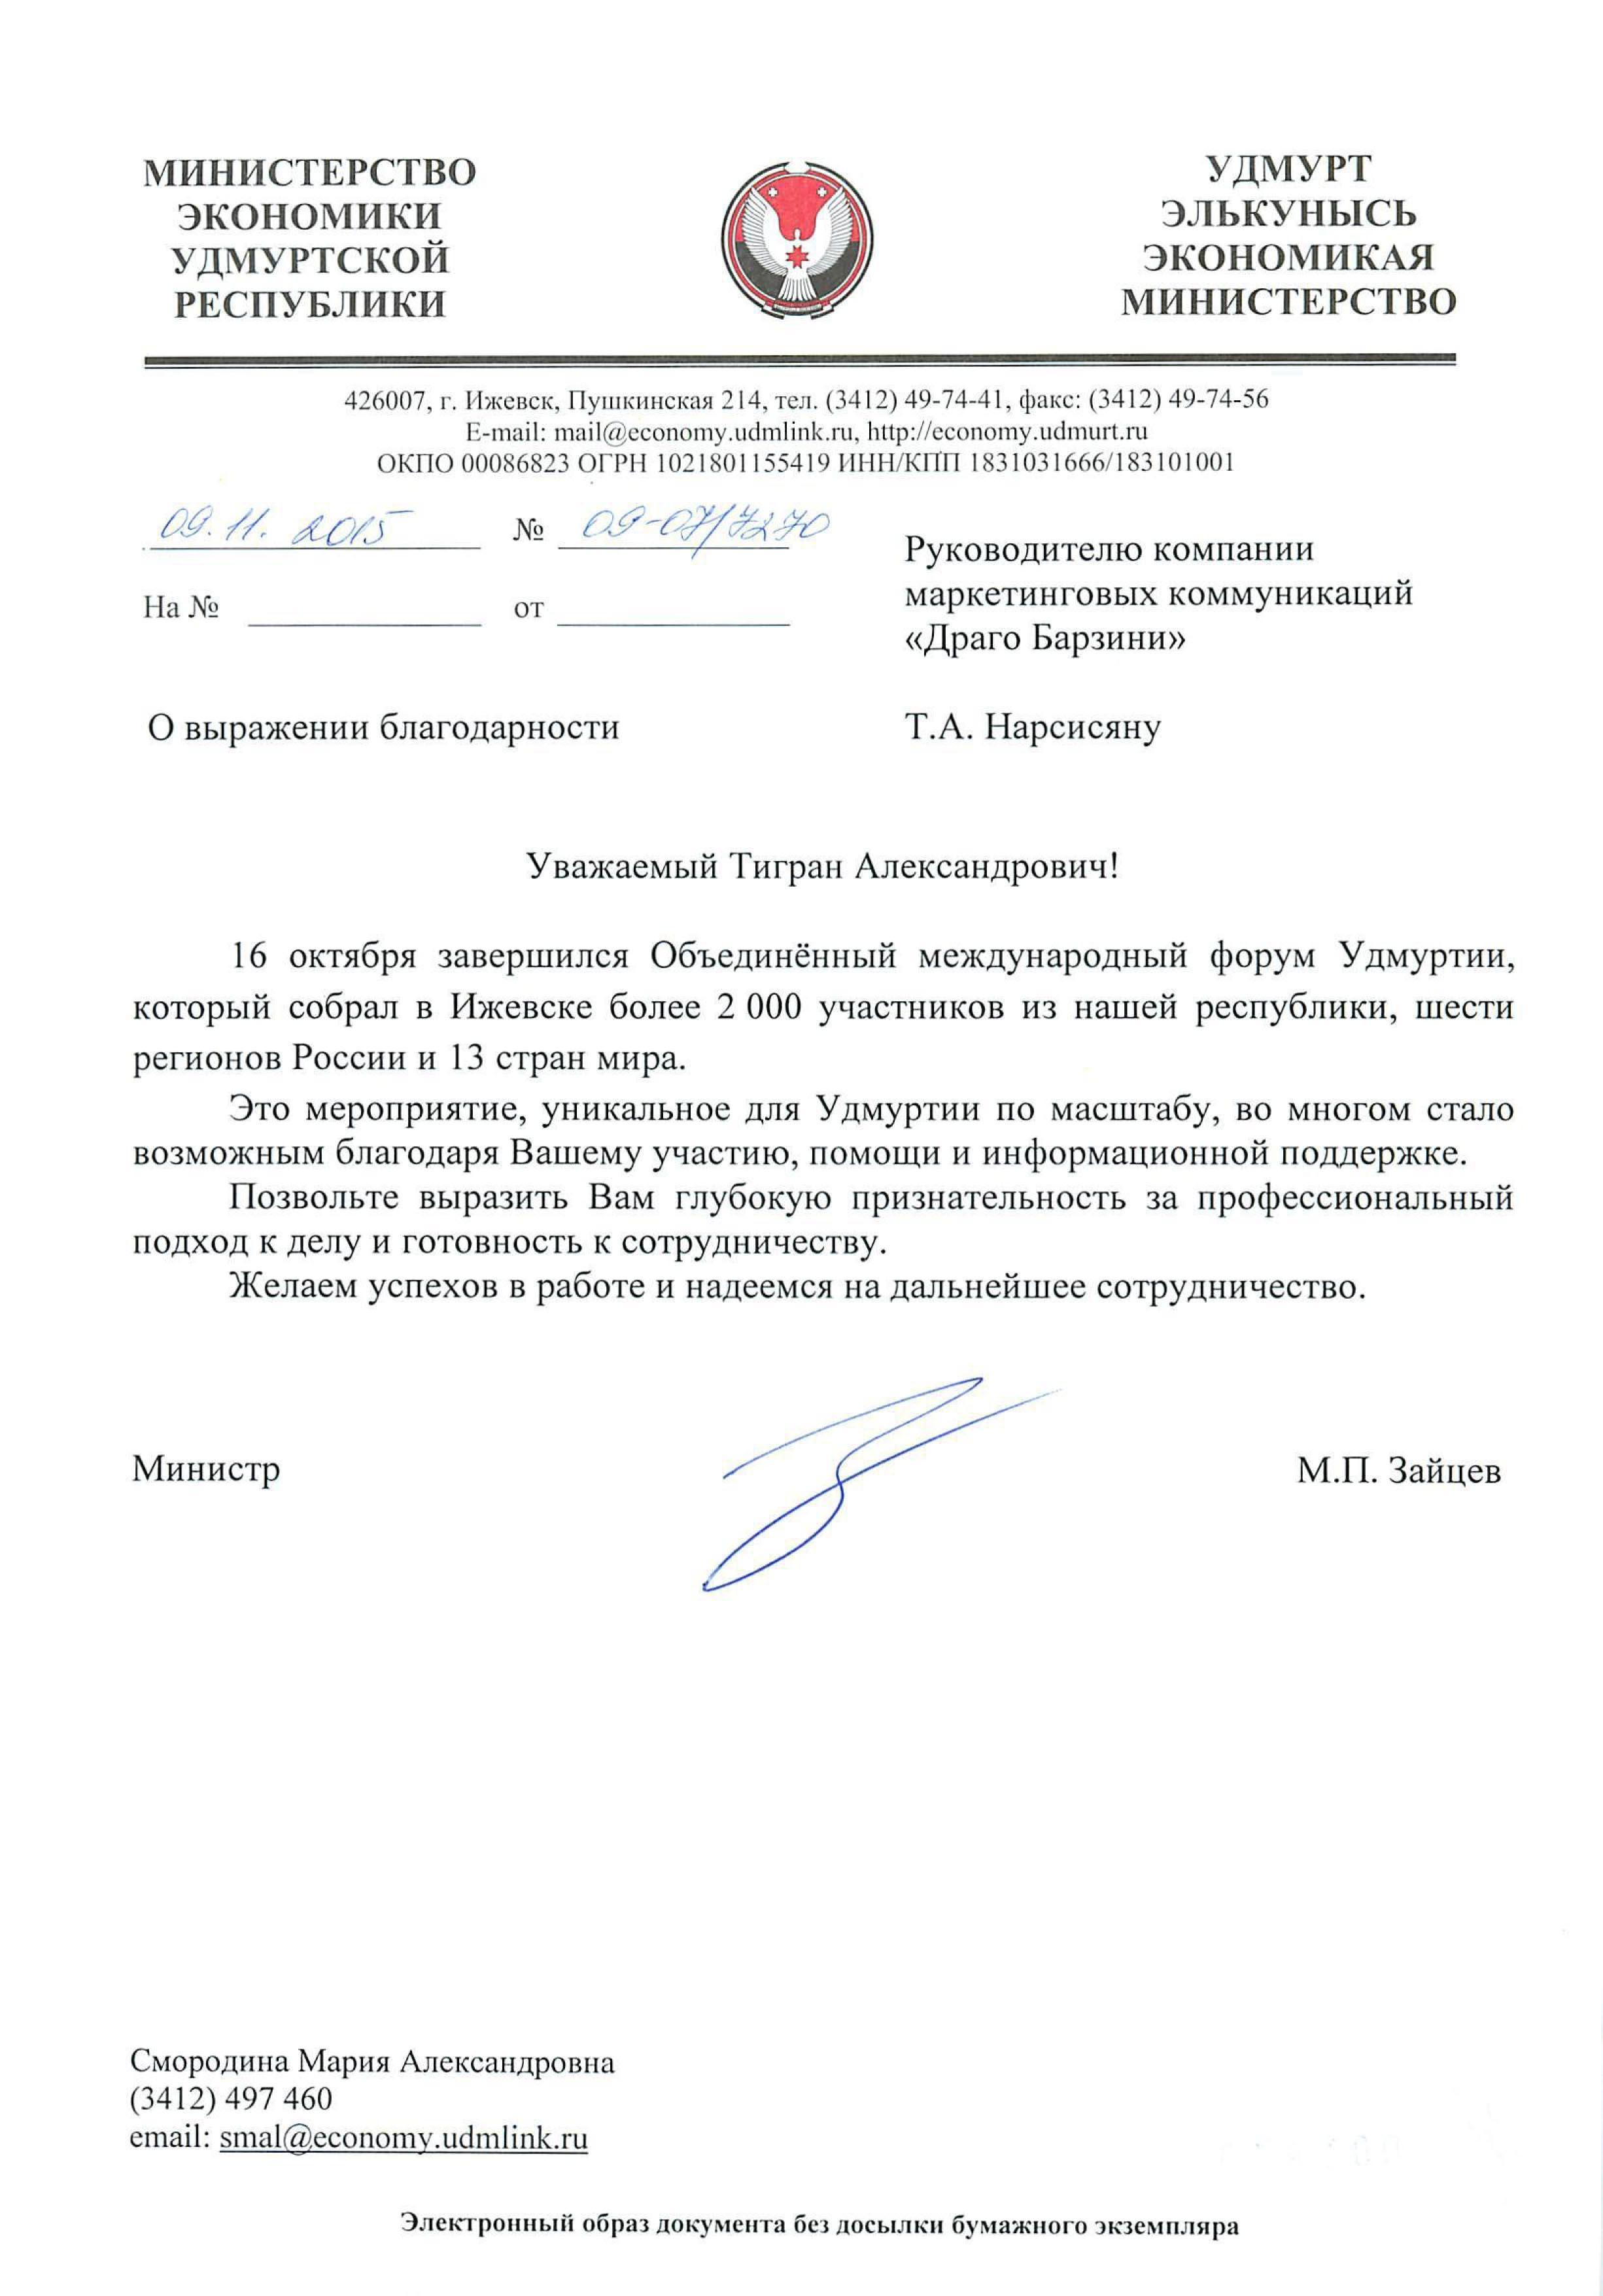 Министр экономики Республики Удмуртия выразил благодарность КМК Драго Барзини за плодотворное сотрудничество